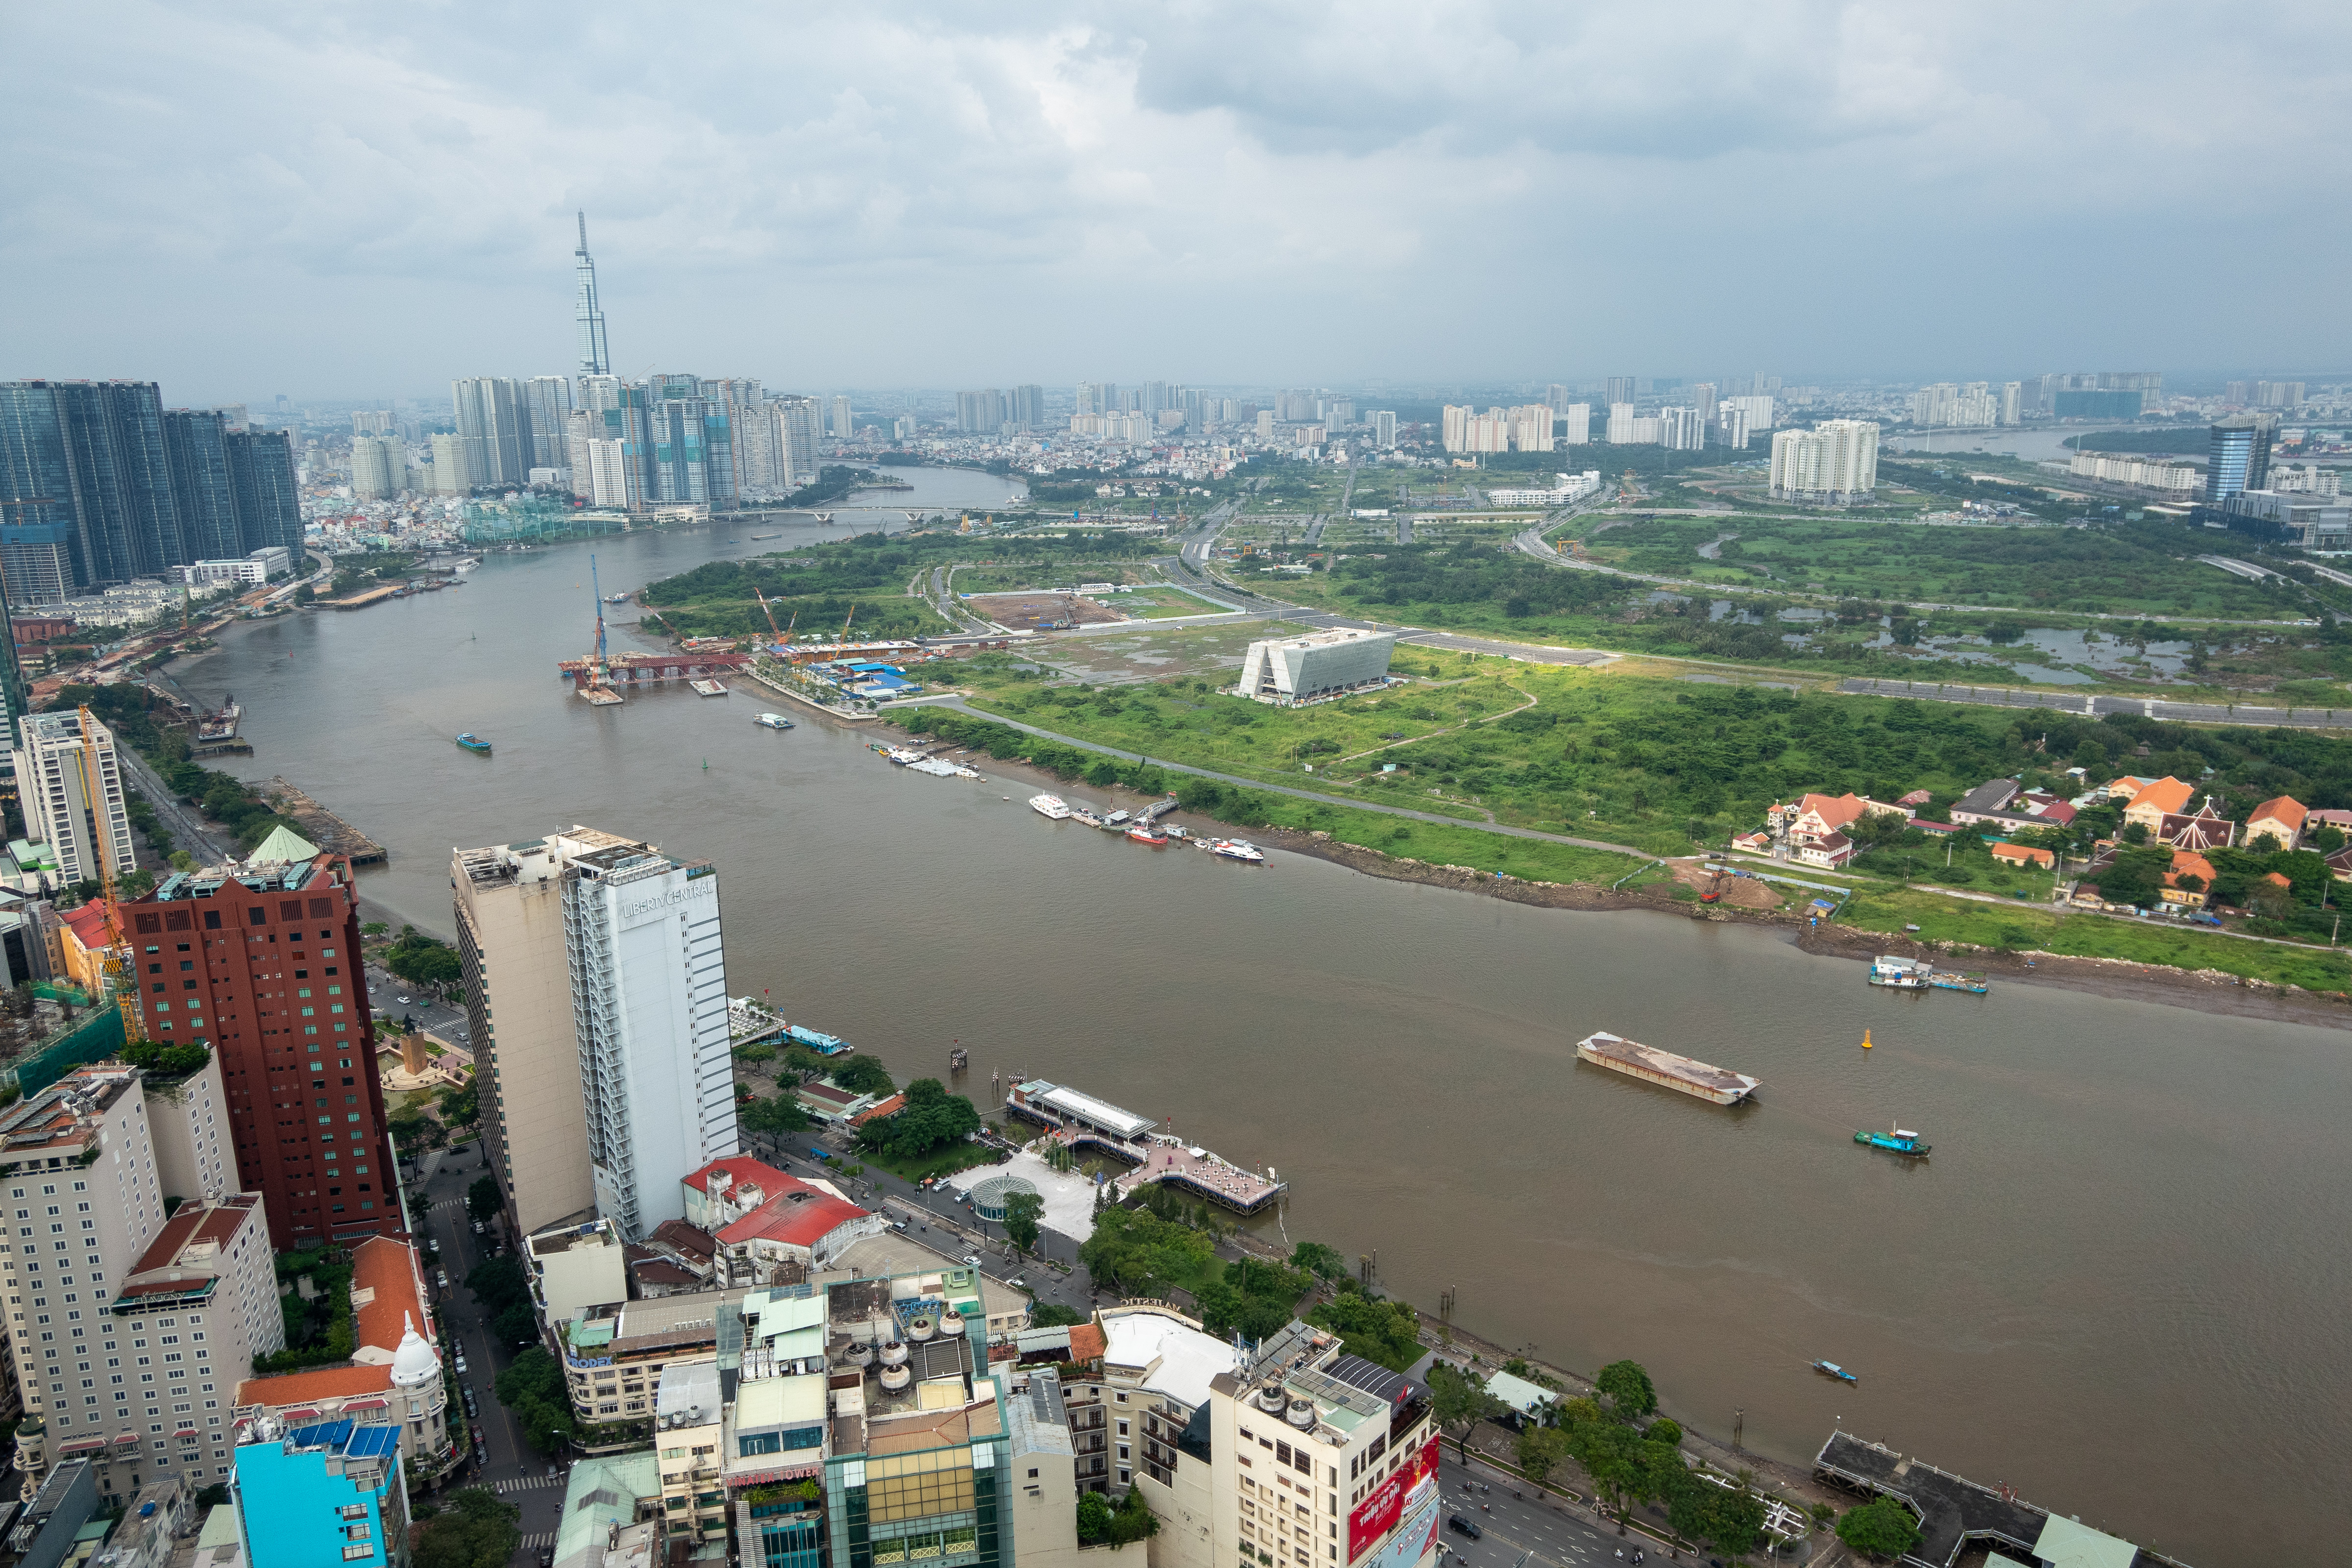 メコン川の向こうに高層ビルが見えます